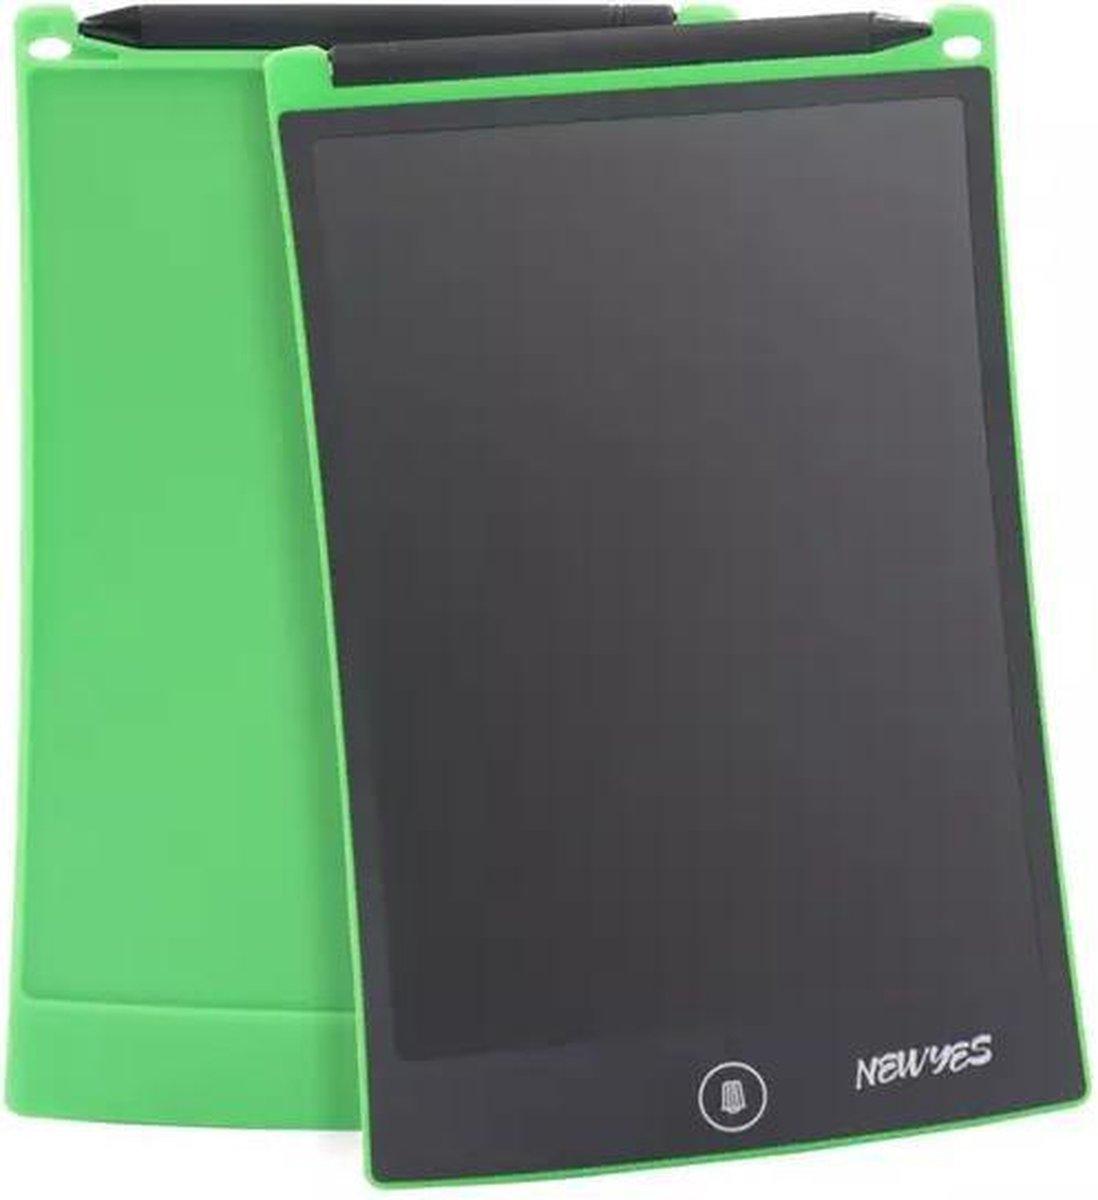 Tekentablet voor kinderen - 8.5 inch - Groen